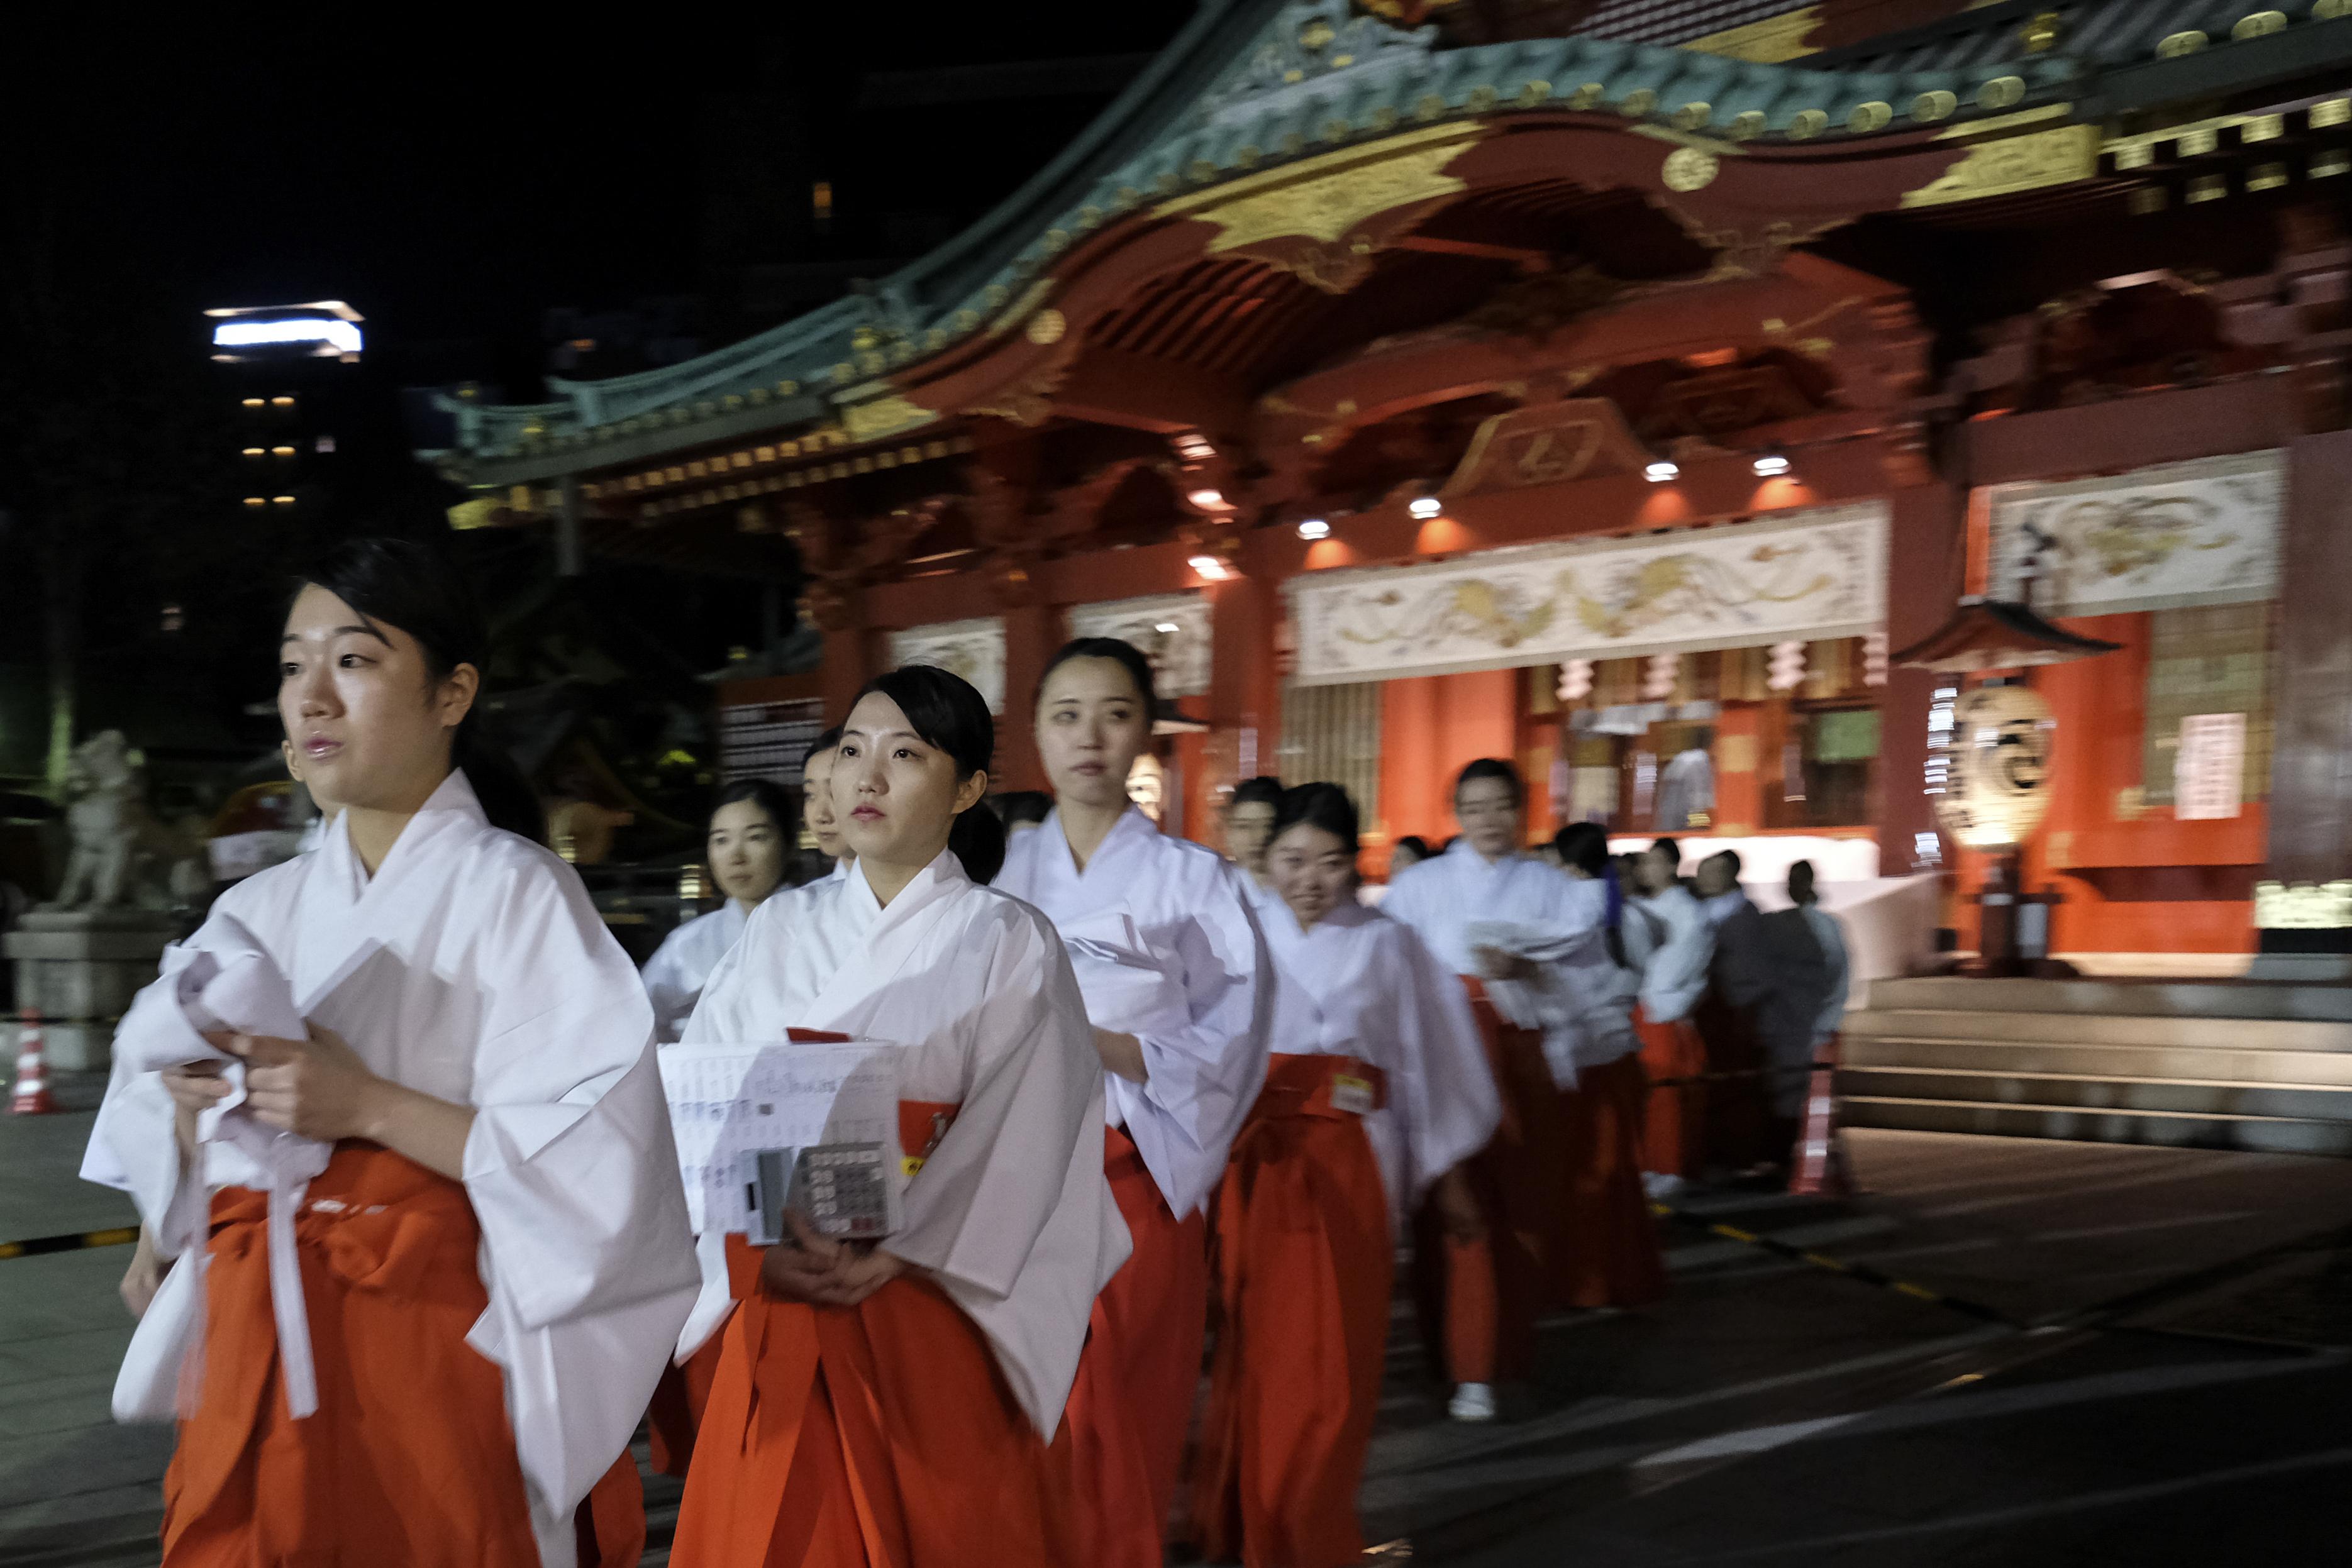 Fieles en el templo de Kanda Myojin en Tokio, dando comienzo a tres días de rezos en los templos de Japón para atraer la buena fortuna en el año que comienza